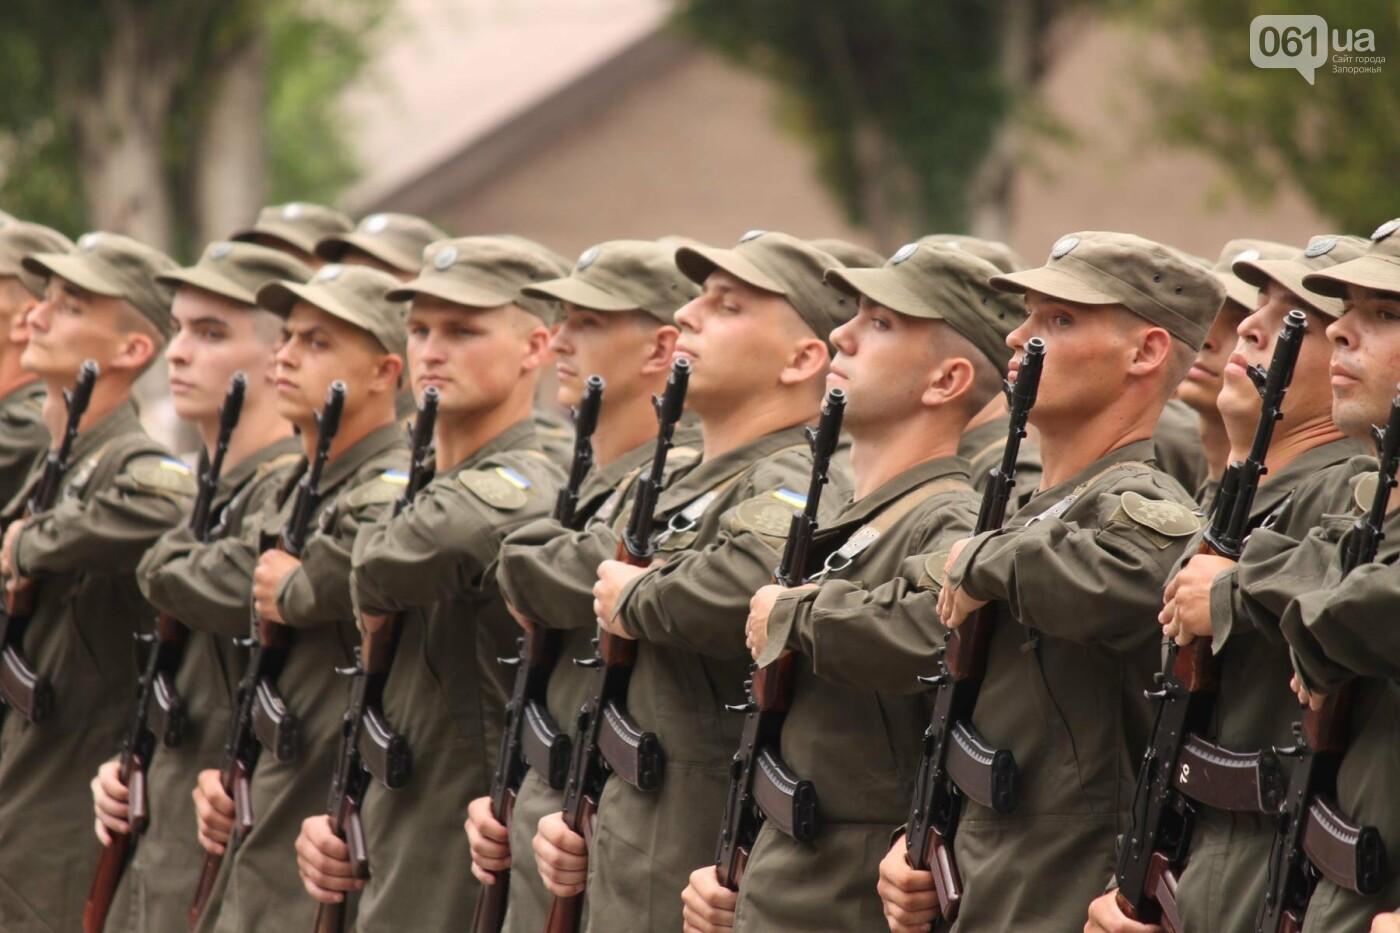 В Запорожье новобранцы Нацгвардии приняли присягу на верность Украине, – ФОТОРЕПОРТАЖ, фото-2